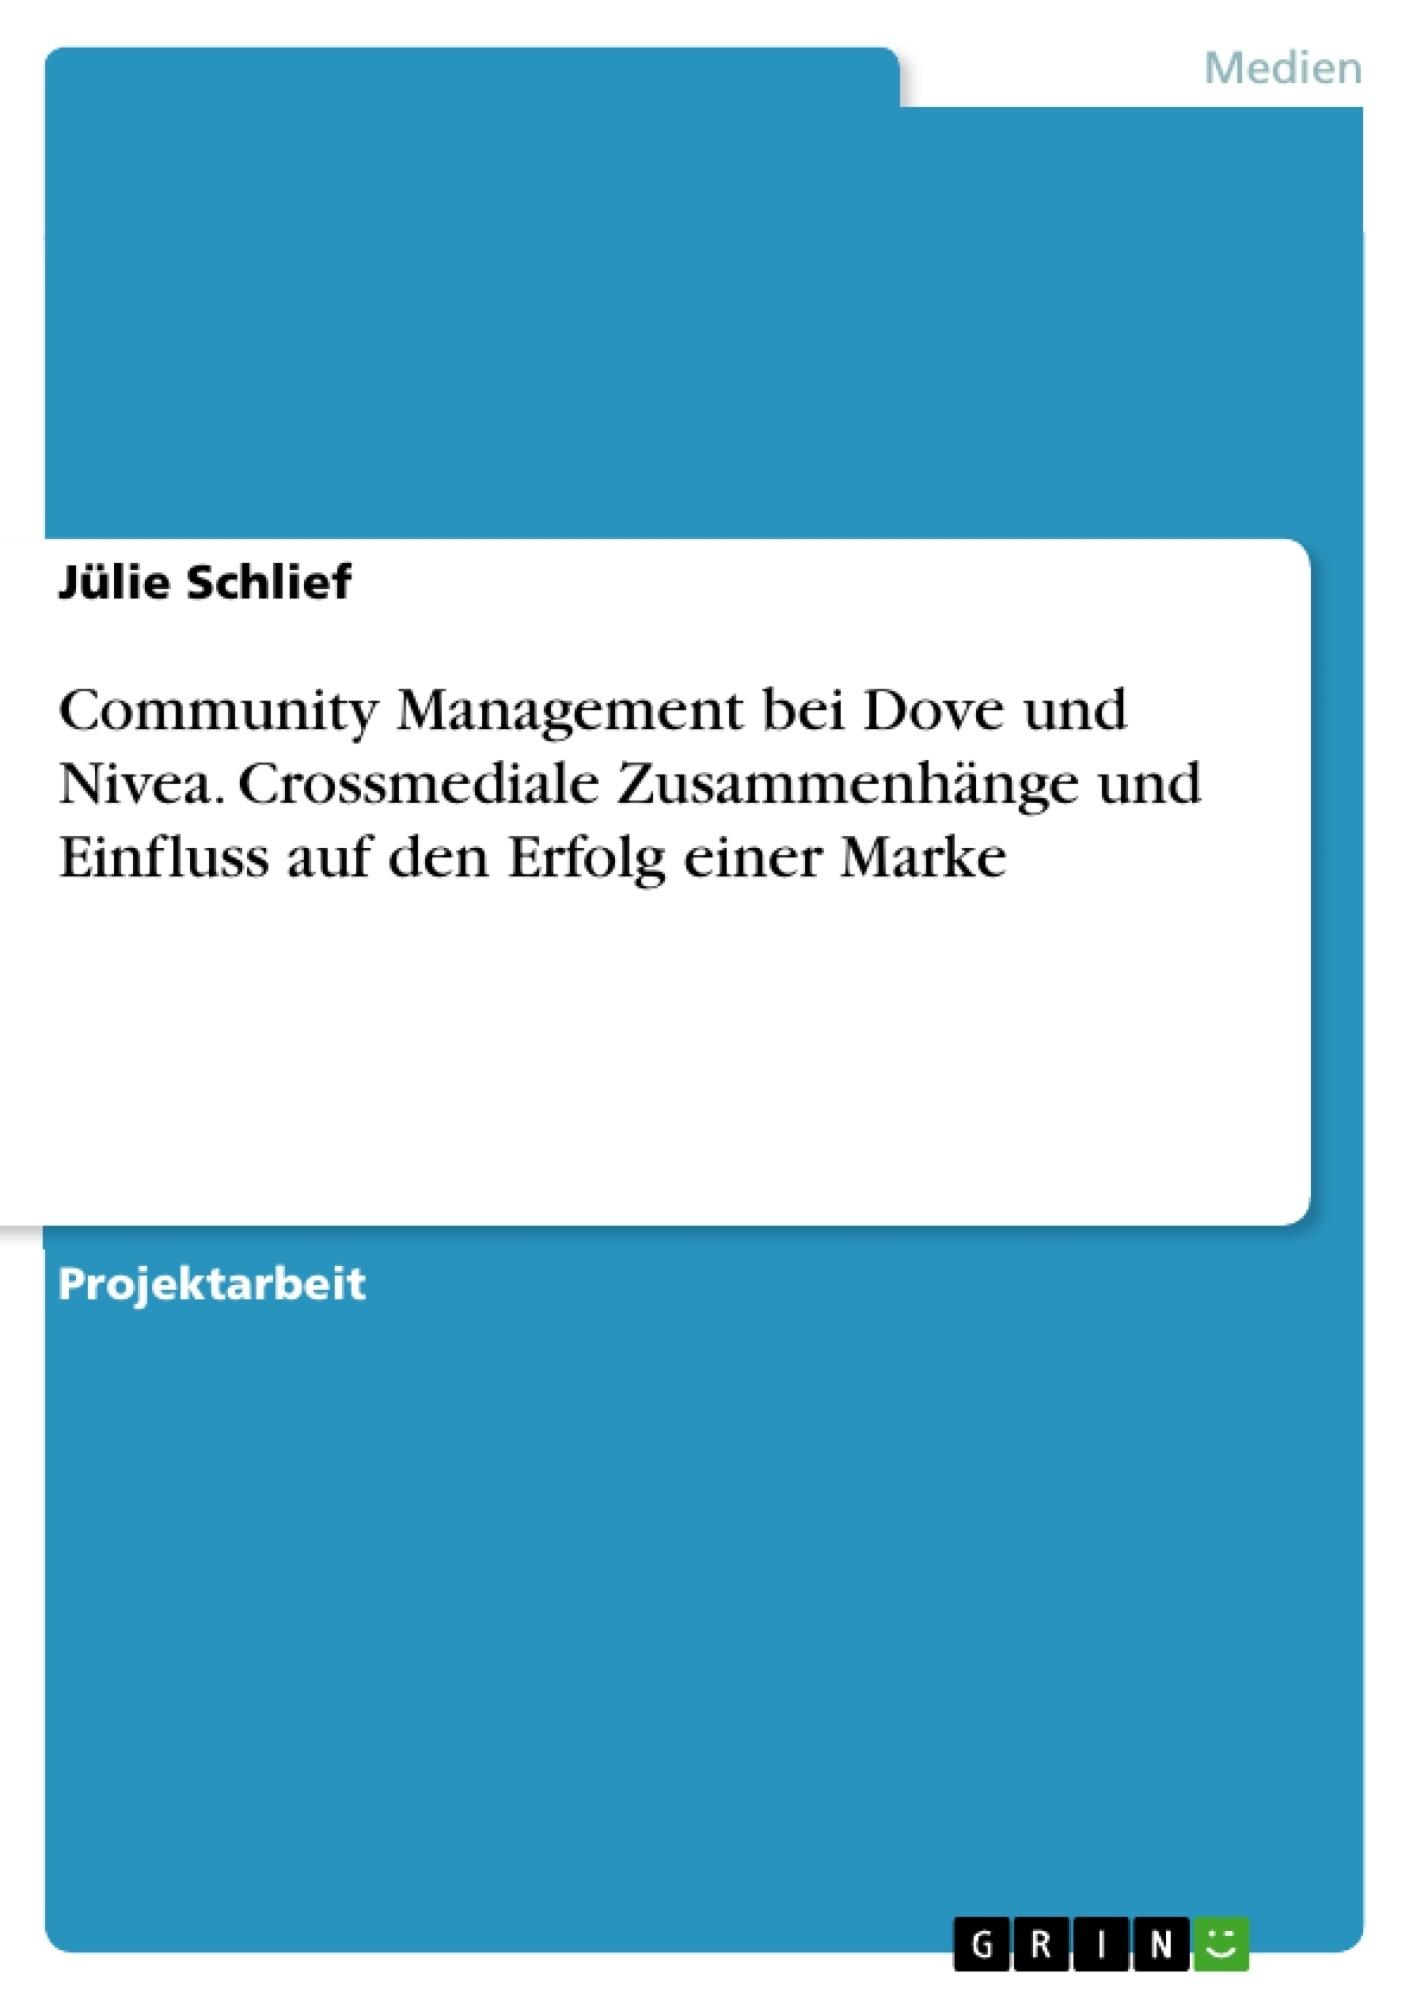 Titel: Community Management bei Dove und Nivea. Crossmediale Zusammenhänge und Einfluss auf den Erfolg einer Marke